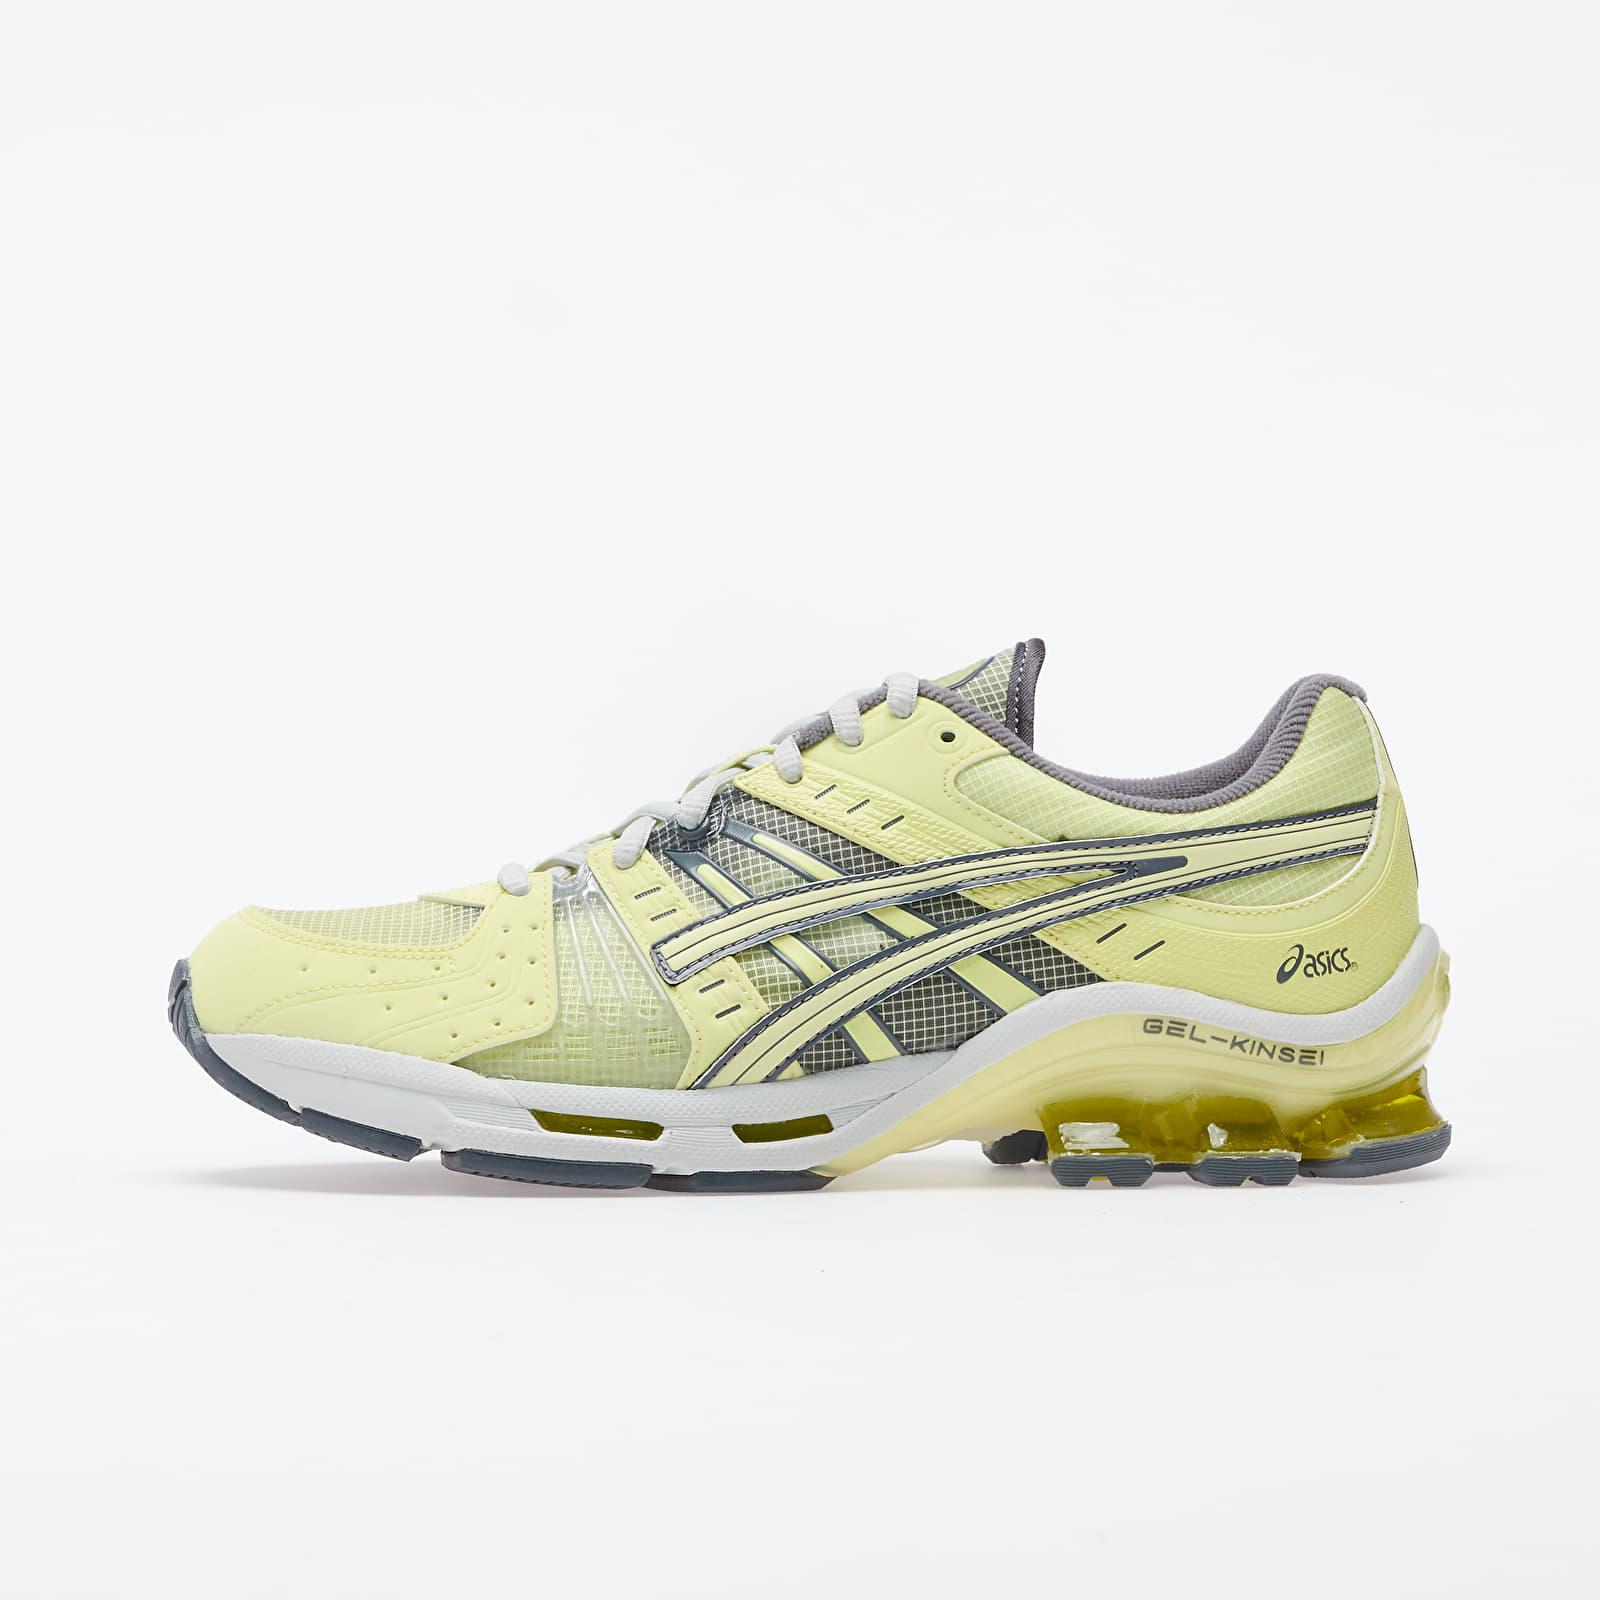 Încălțăminte și sneakerși pentru bărbați Asics Gel-Kinsei OG Huddle Yellow/ Huddle Yellow